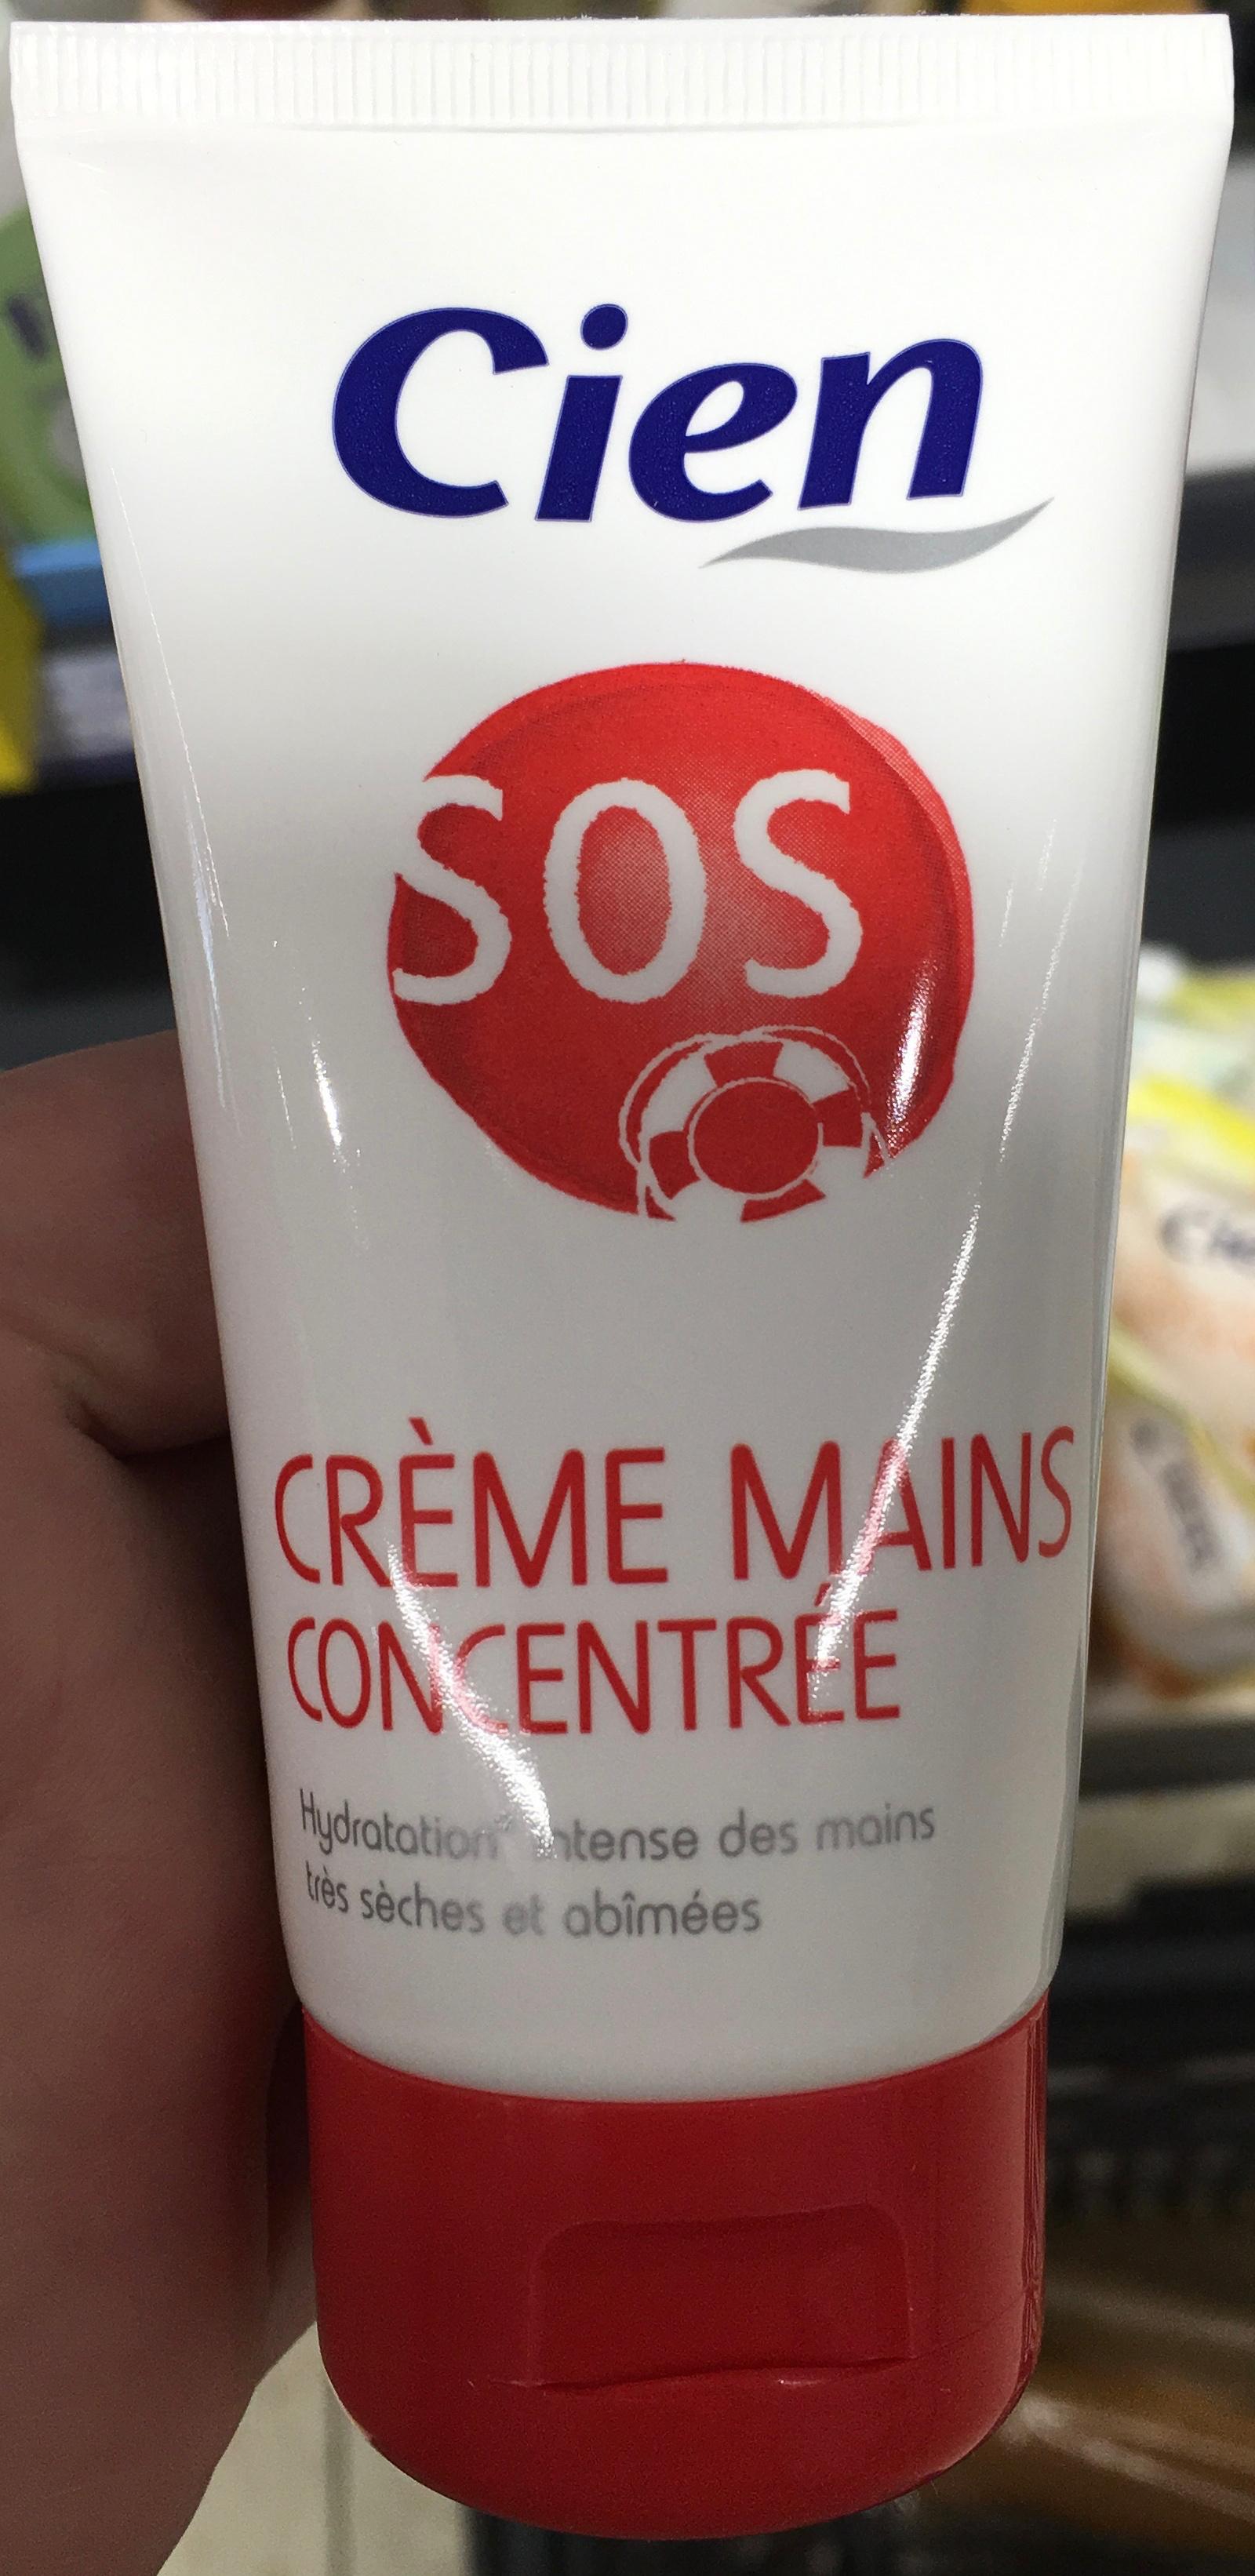 Crème mains concentrée SOS - Produit - fr